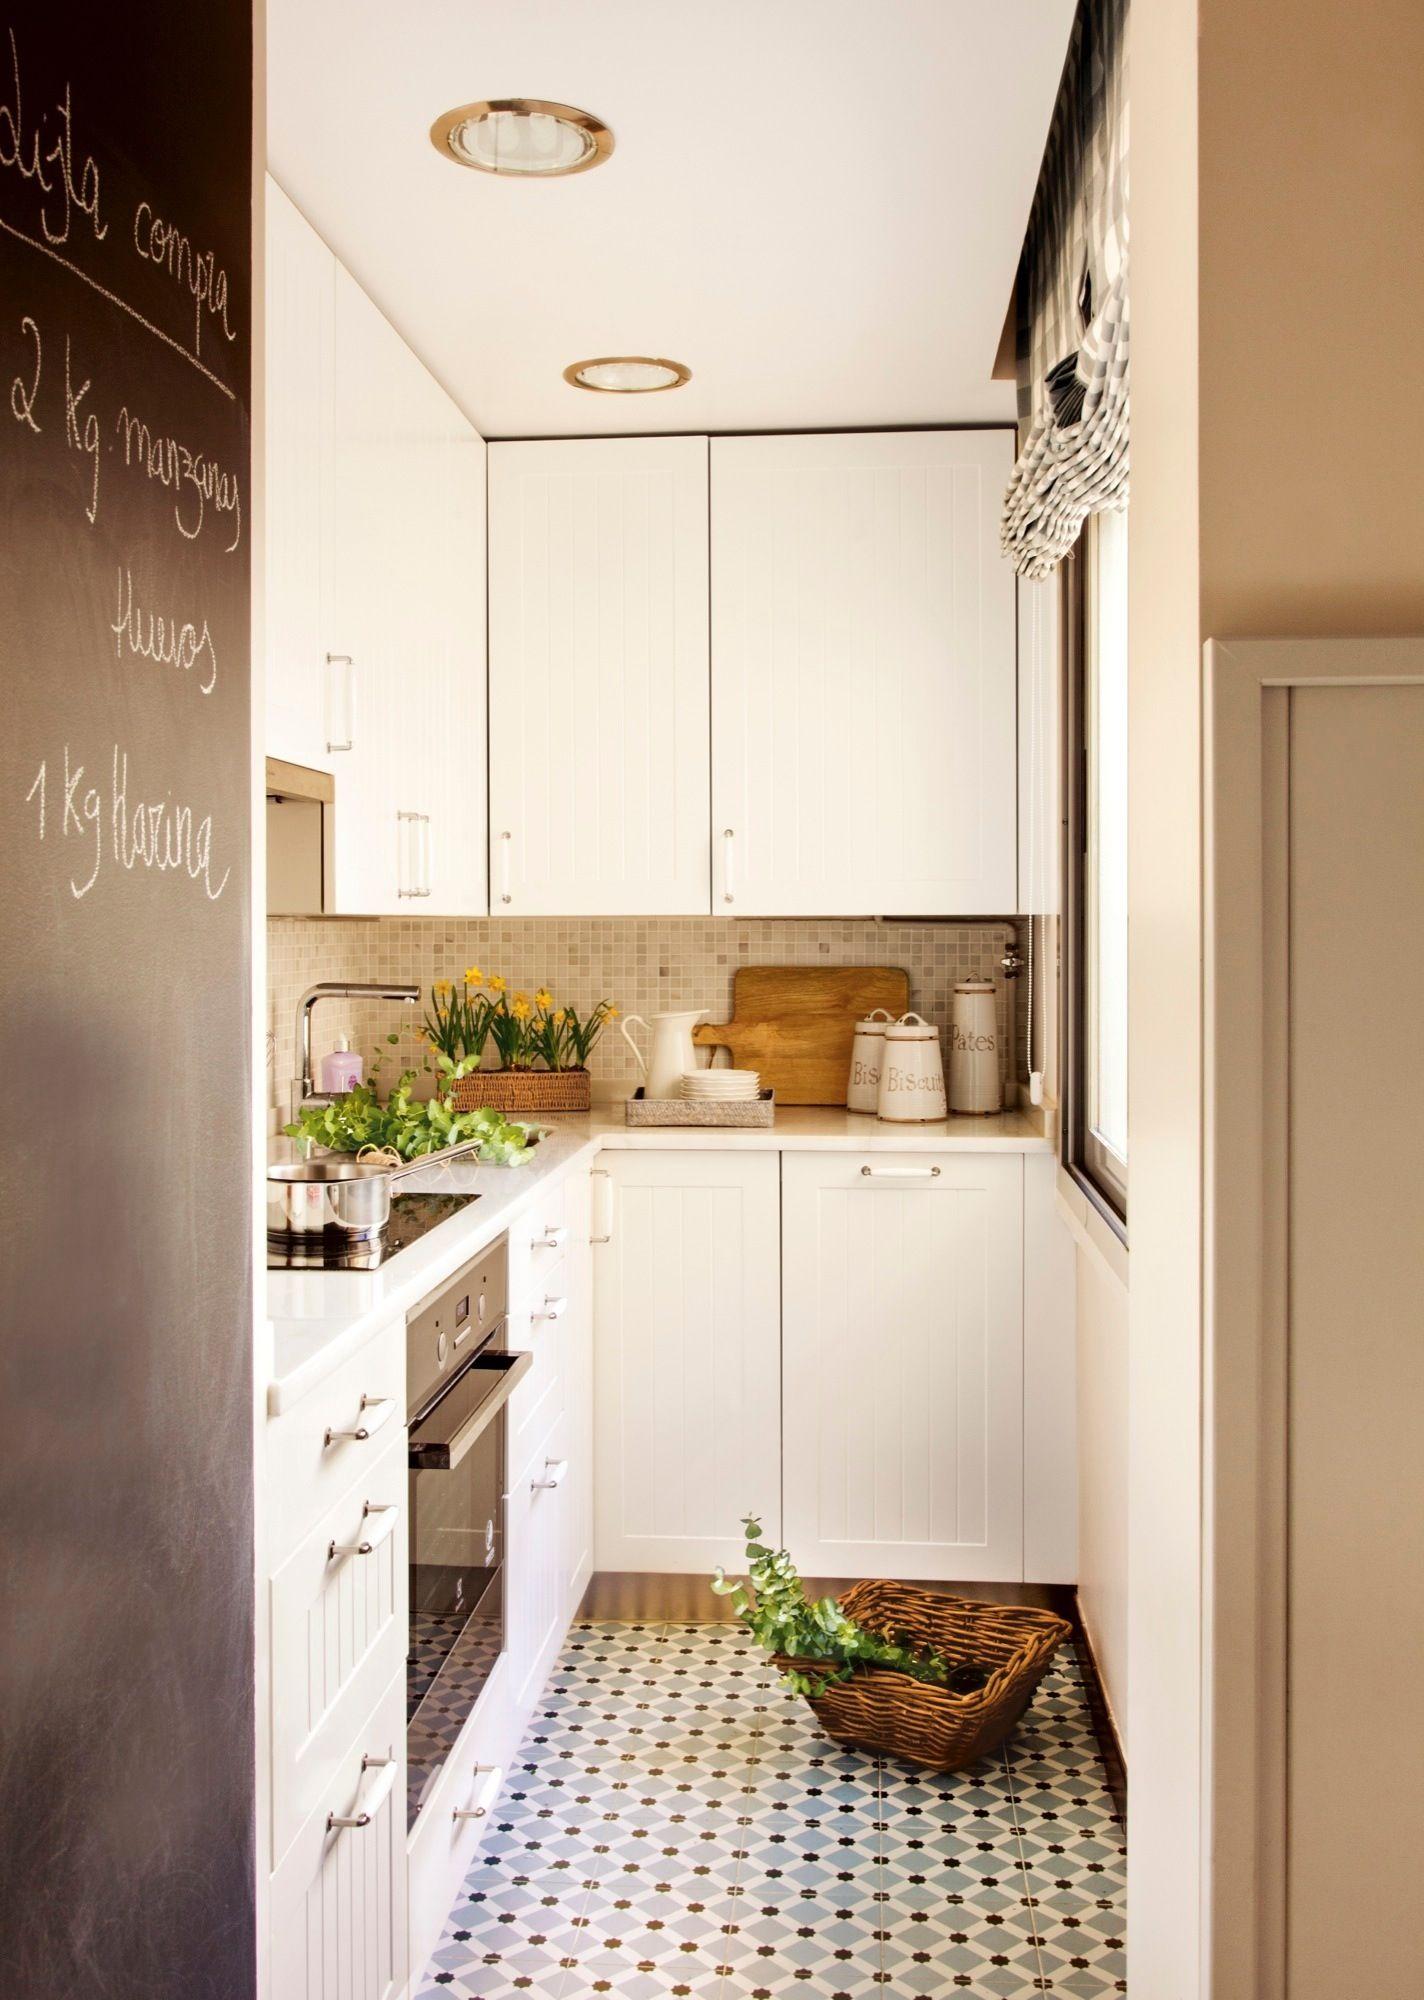 cocinas pequeñas y muy bonitas kitchens ideas para and small